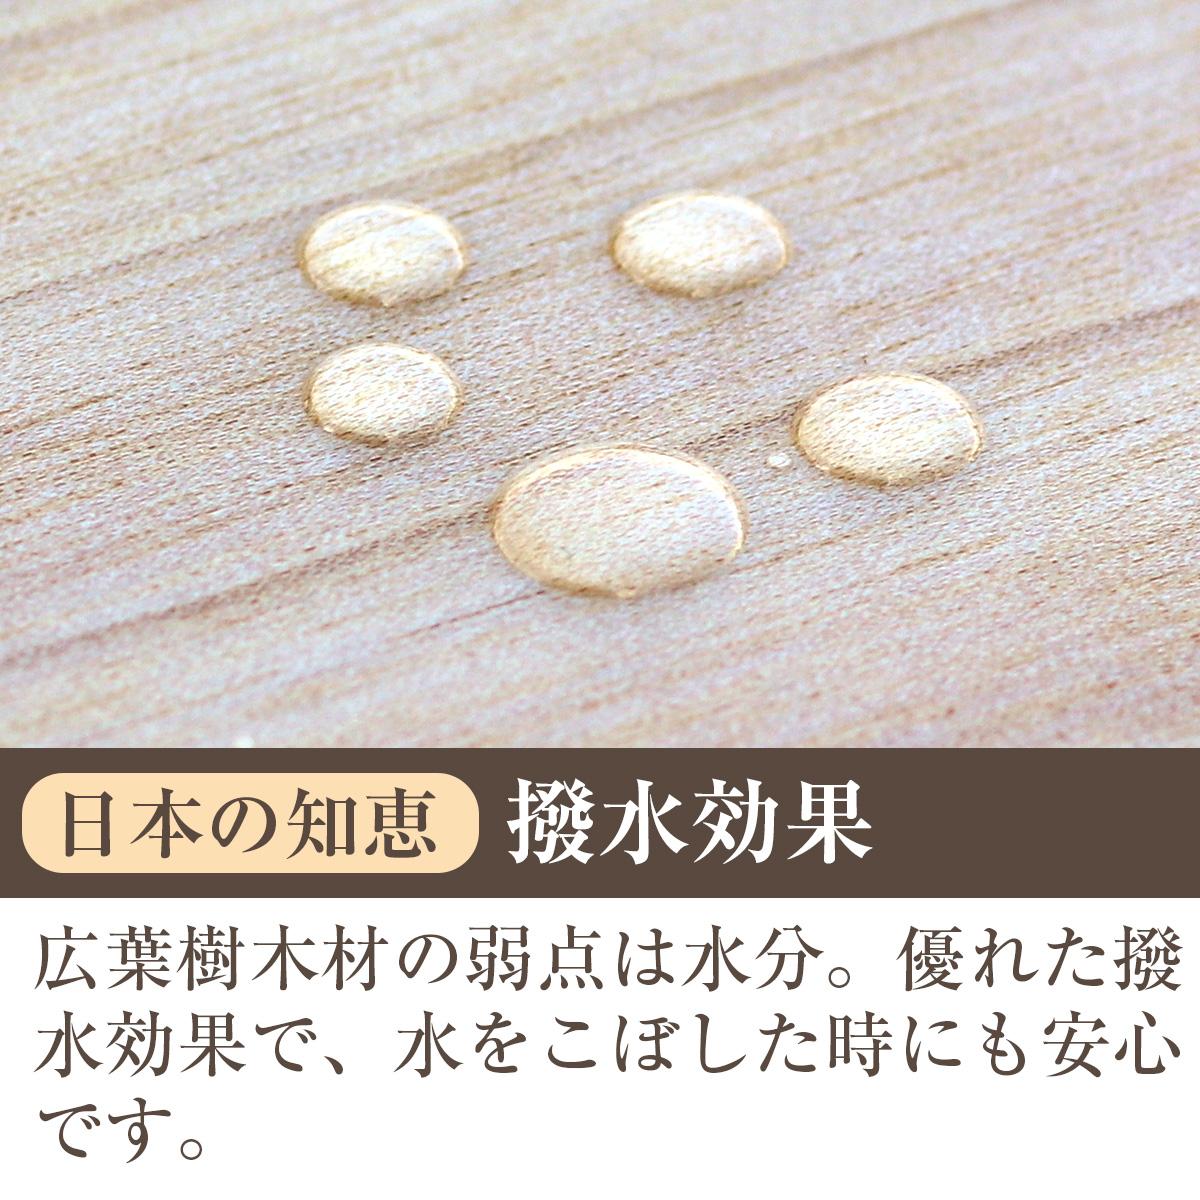 日本の知恵・撥水効果 広葉樹木材の弱点は水分。優れた撥水効果で、水をこぼした時にも安心です